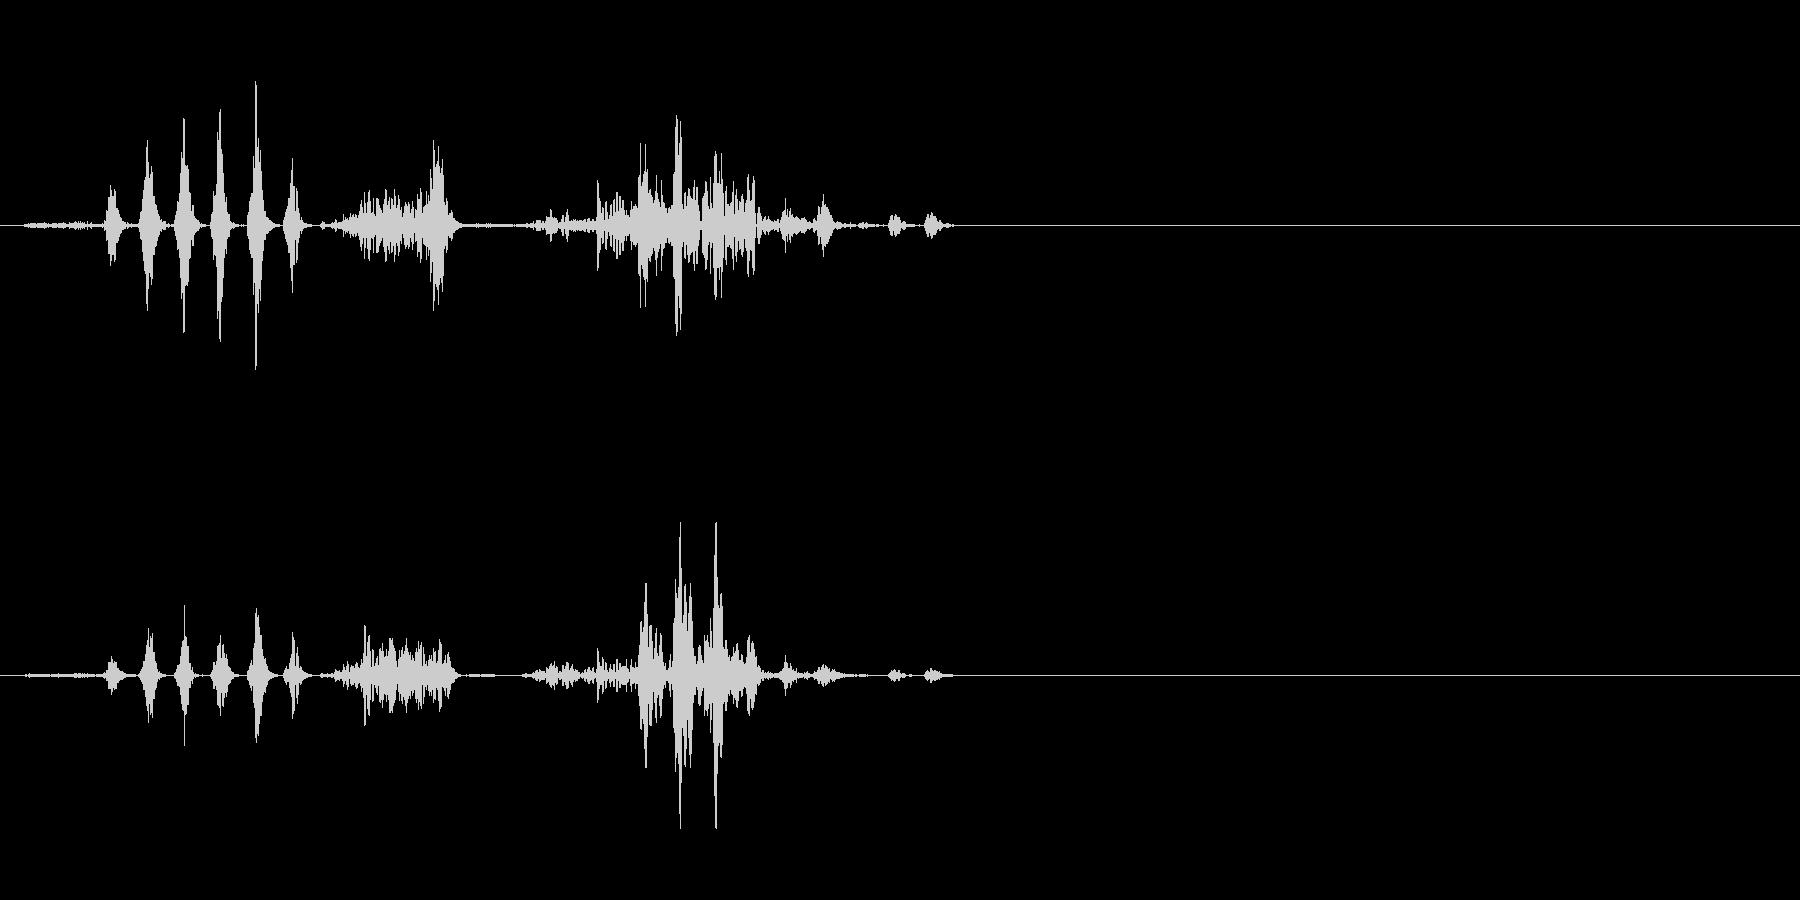 エイリアンの発声 2の未再生の波形